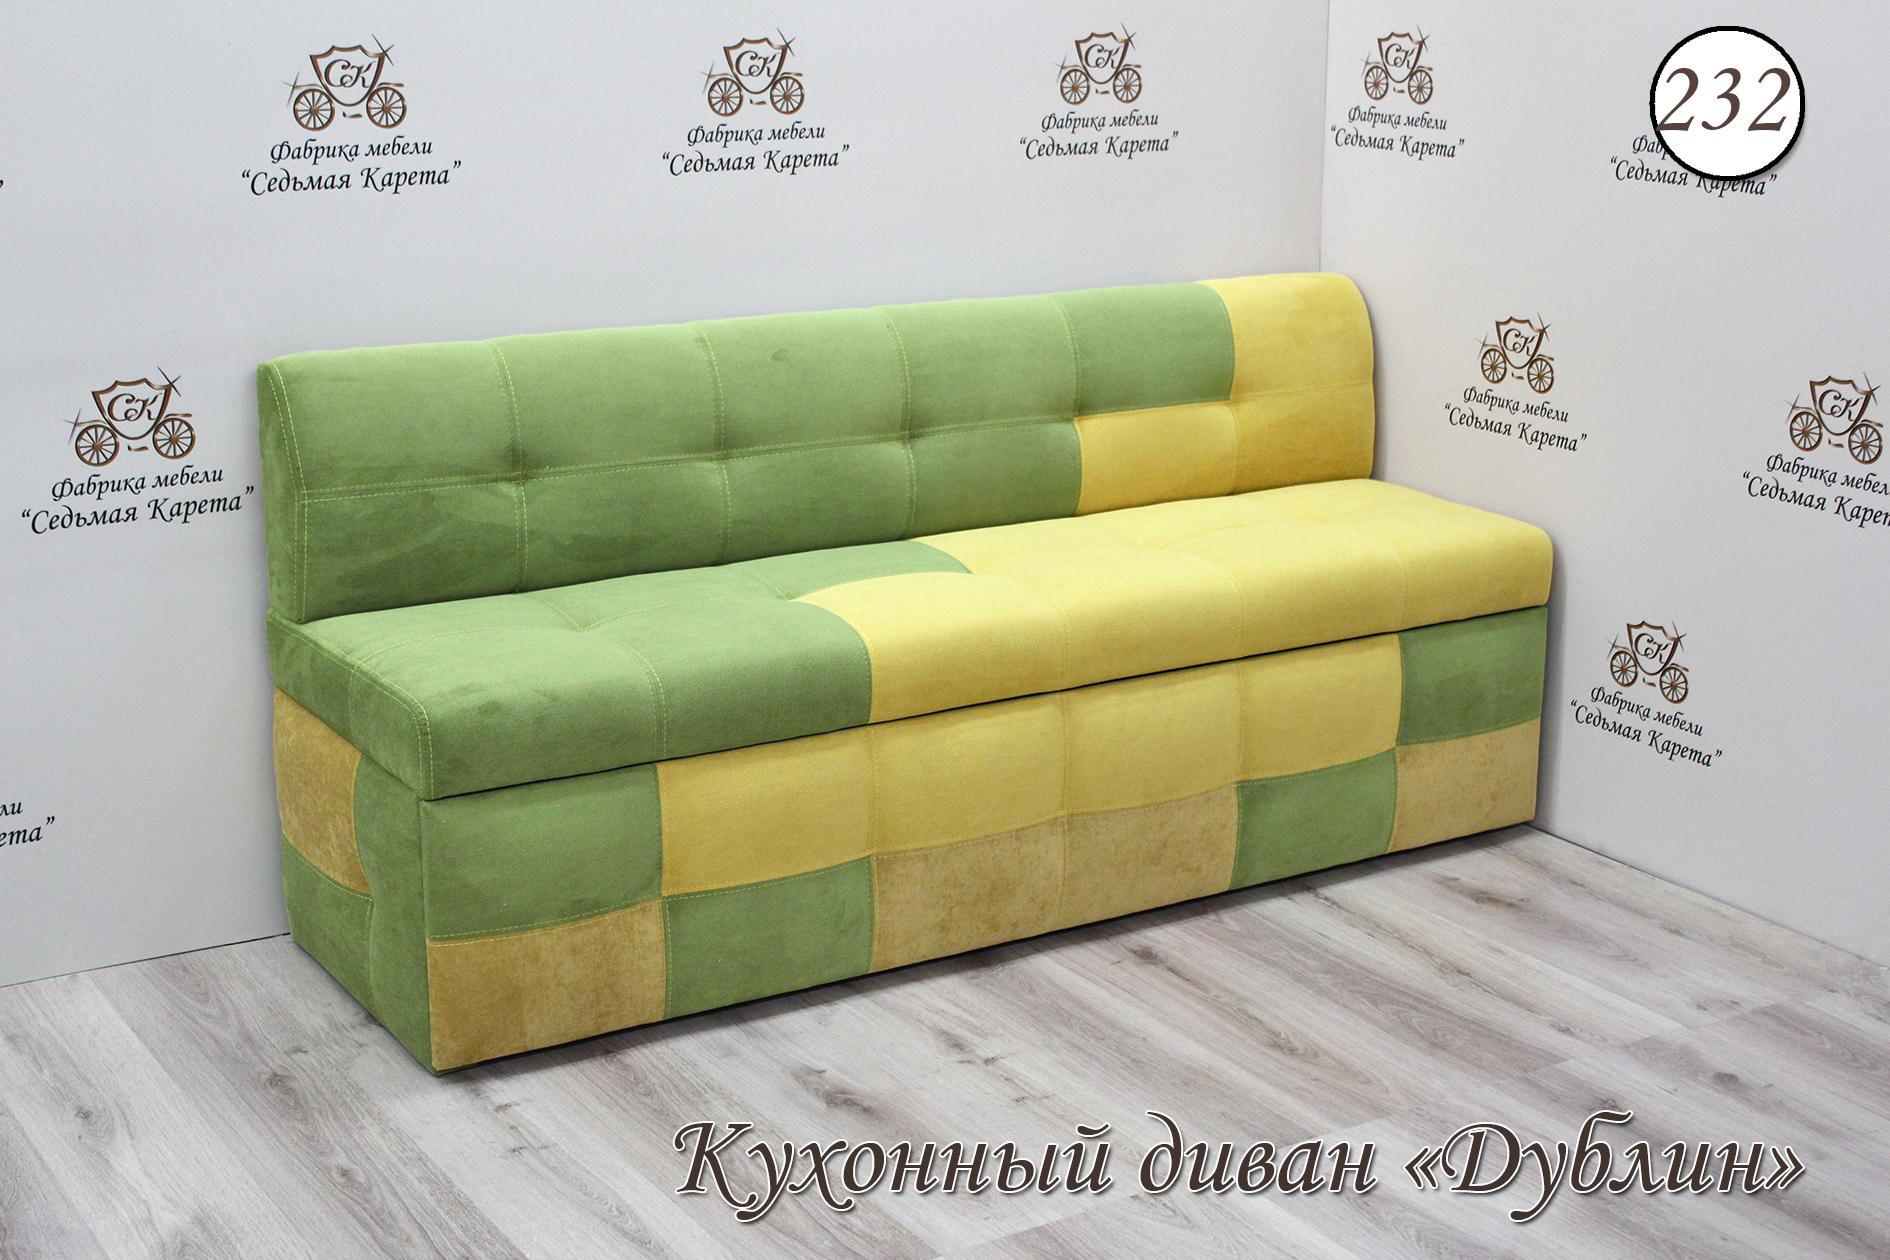 Кухонный диван Дублин-232